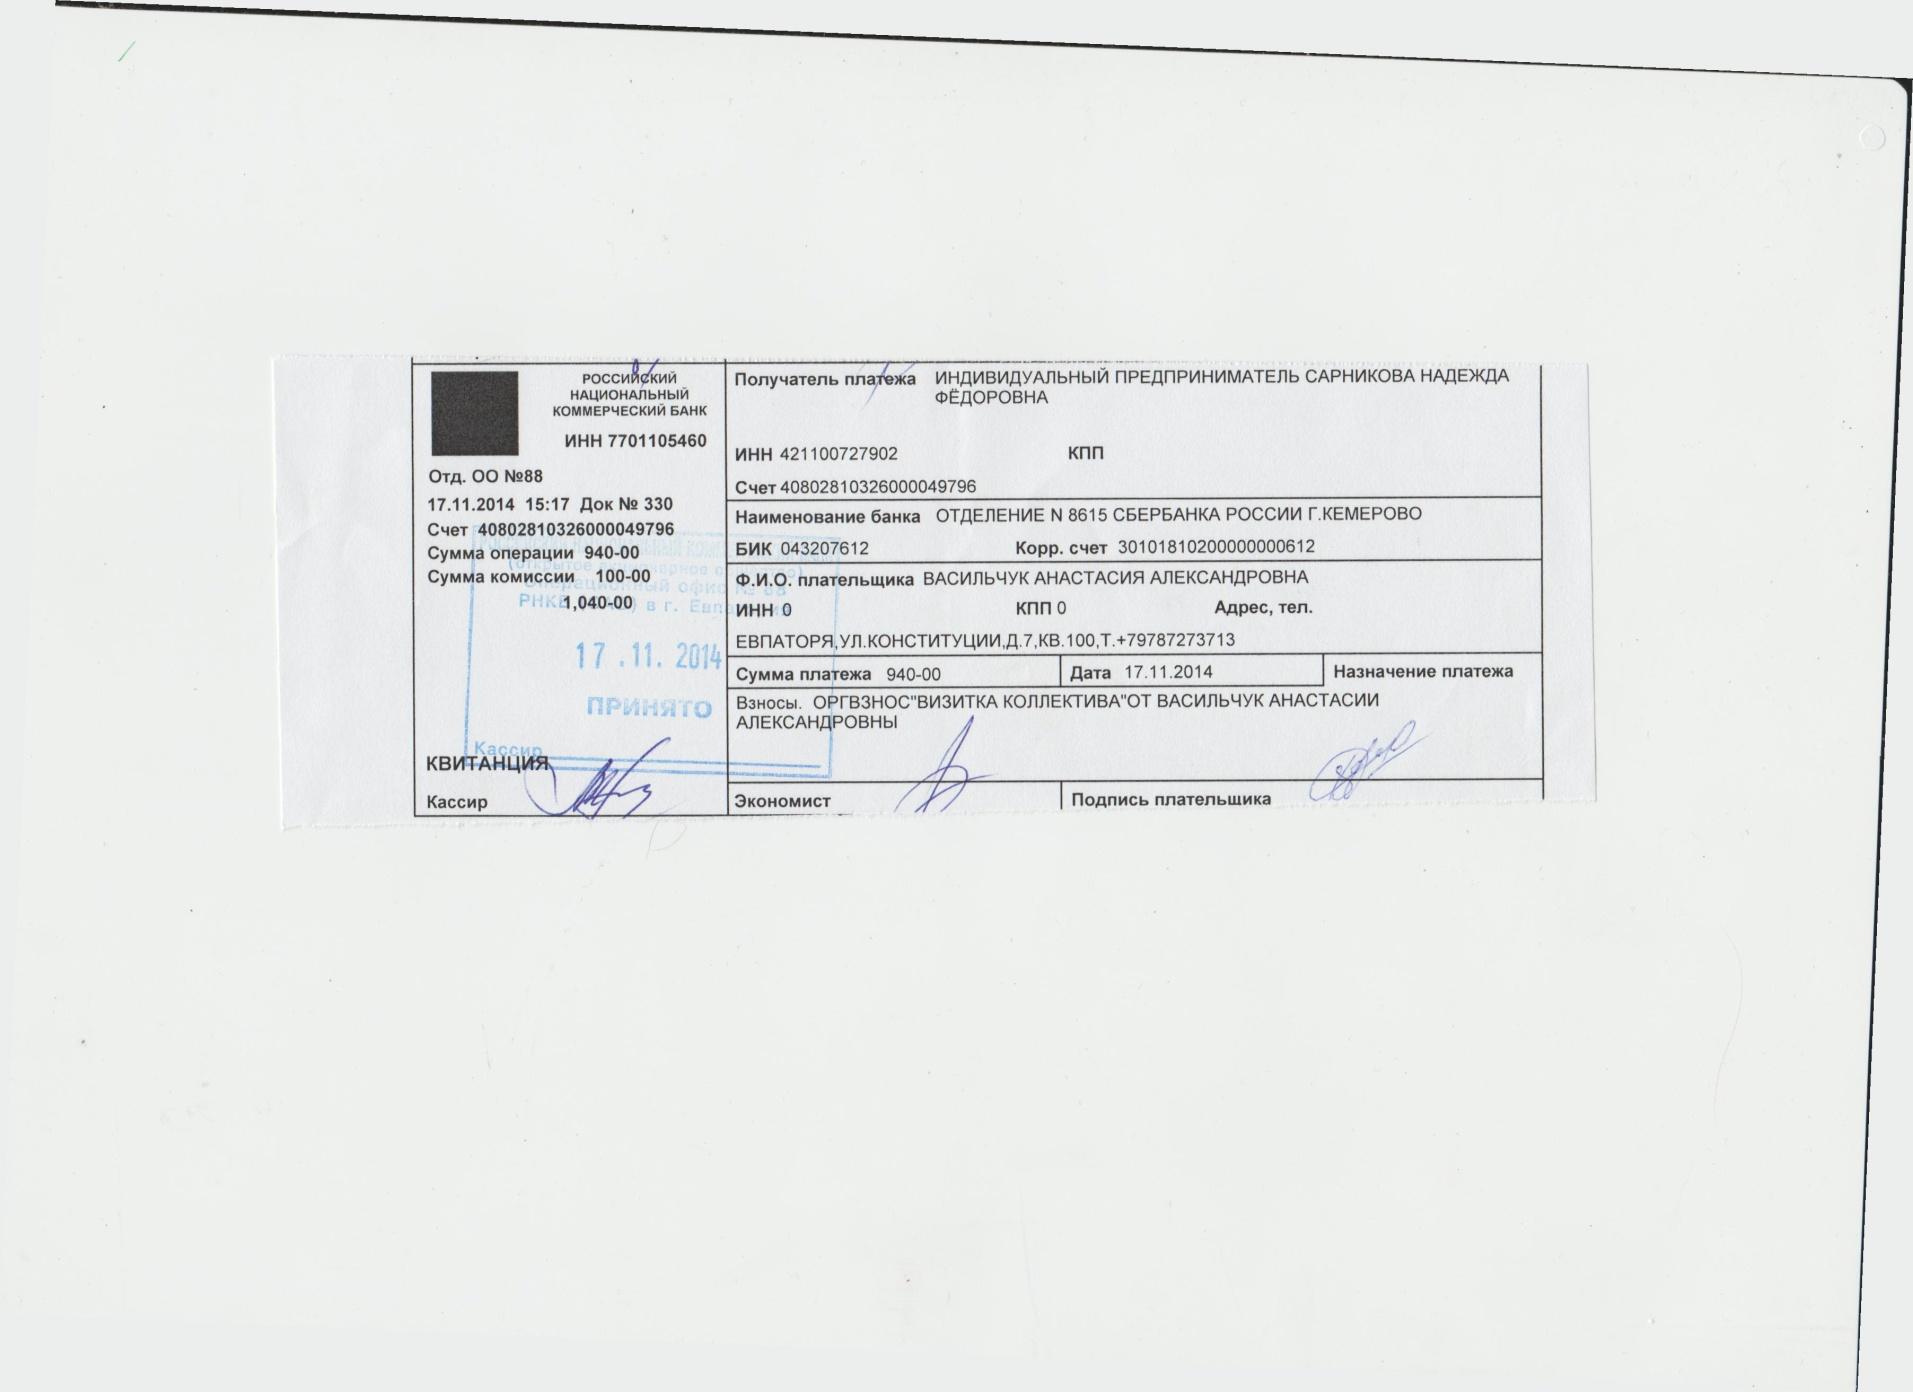 H:\ШКОЛА\Йа - ПЕДагог ОРГанизатор)\2014-15 УЧЕБНЫЙ ГОД\Республика - федерация\НАУКА И ТВОРЧЕСТВО\квитанция.jpg